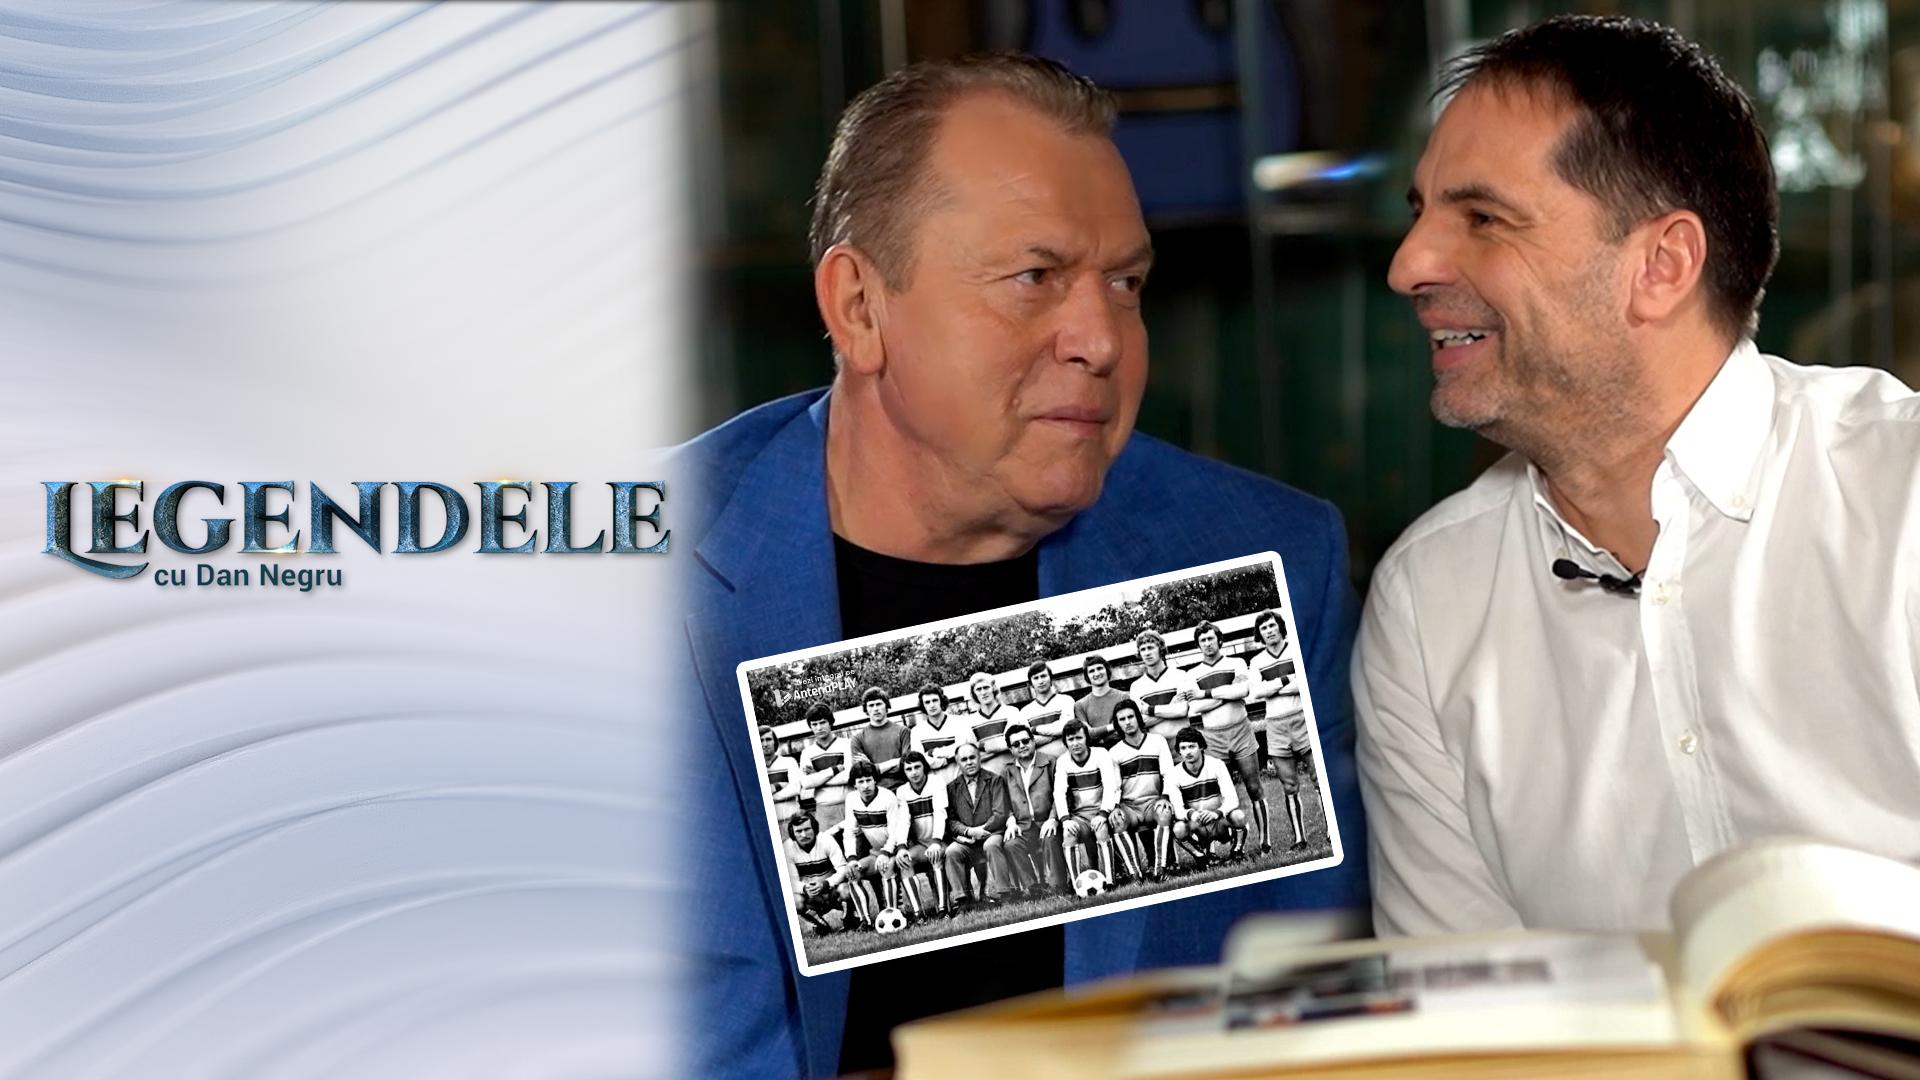 Legendele cu Dan Negru - Interviu Helmuth Duckadam